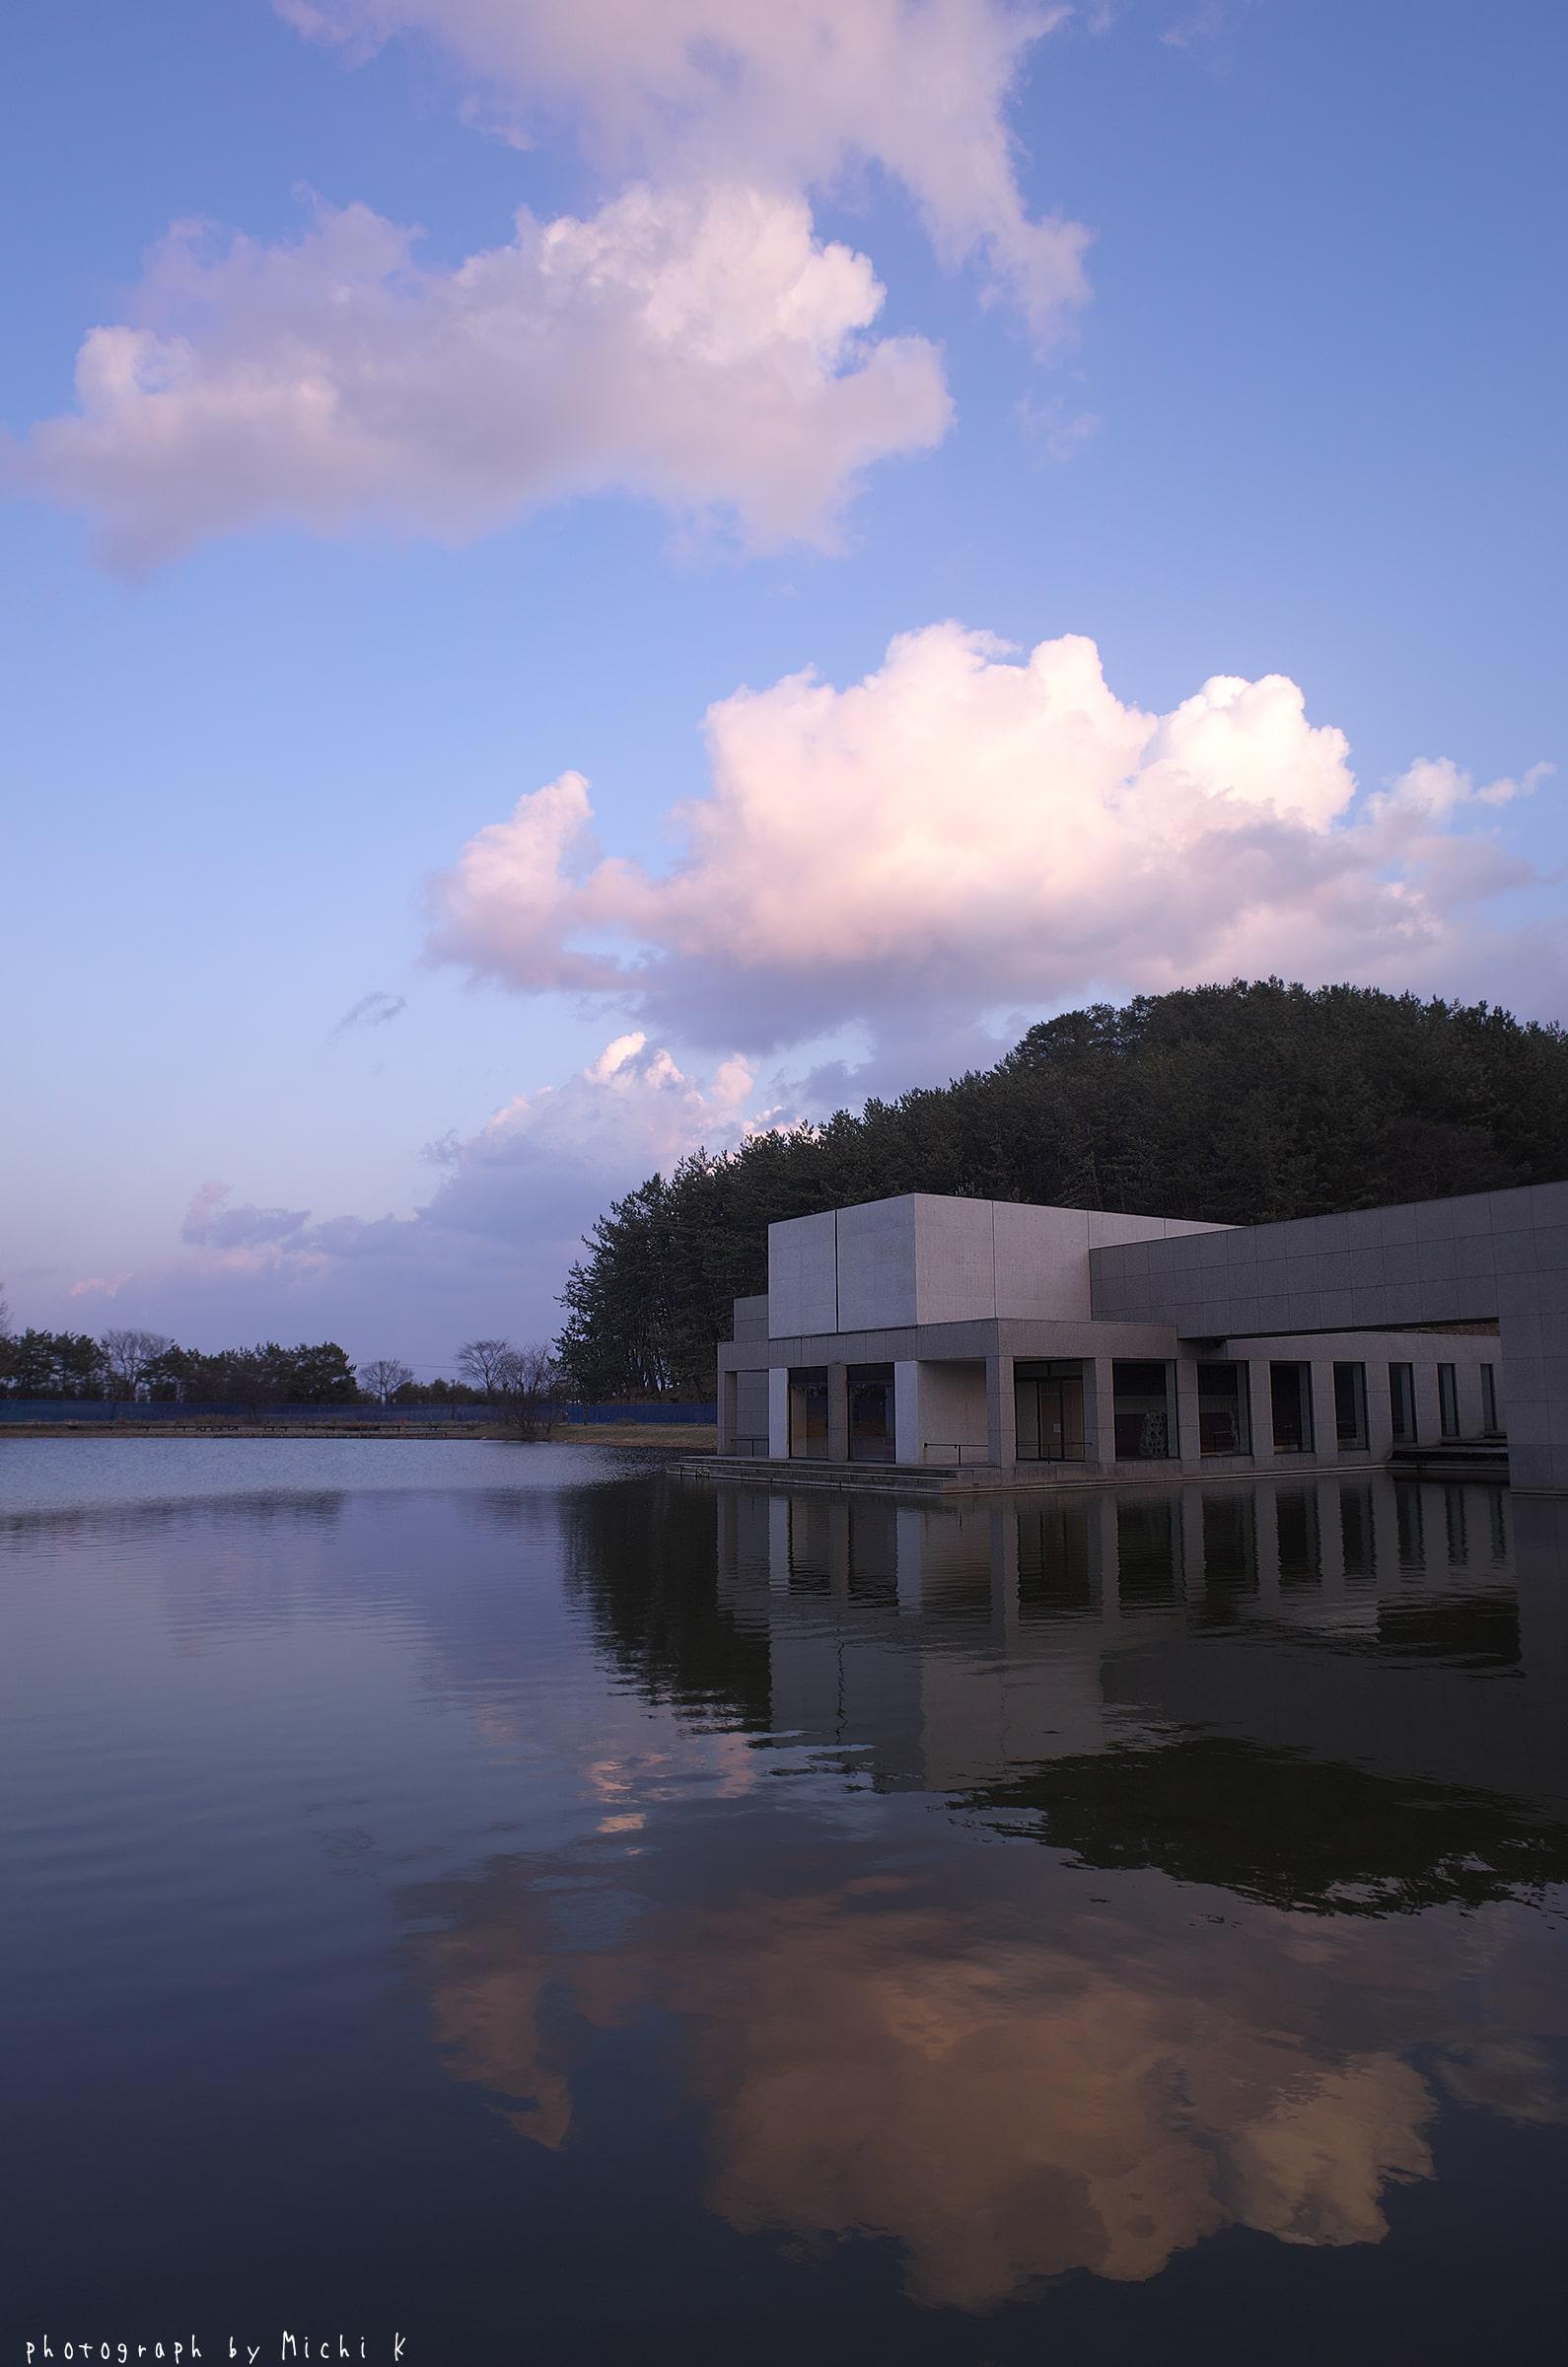 土門拳記念館にて2019-3-2夕方(写真その2)